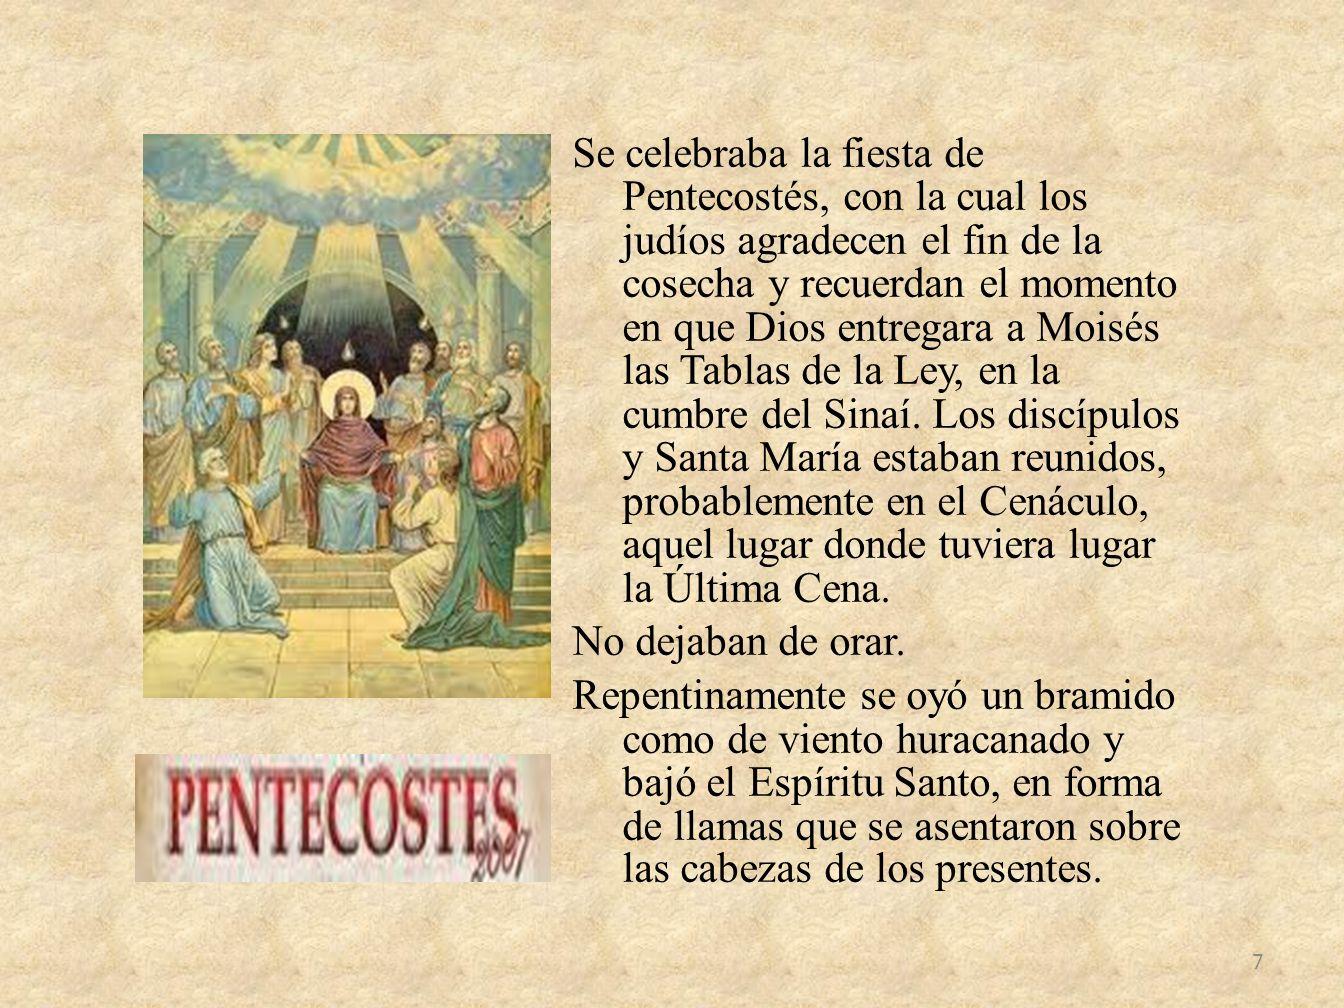 Se celebraba la fiesta de Pentecostés, con la cual los judíos agradecen el fin de la cosecha y recuerdan el momento en que Dios entregara a Moisés las